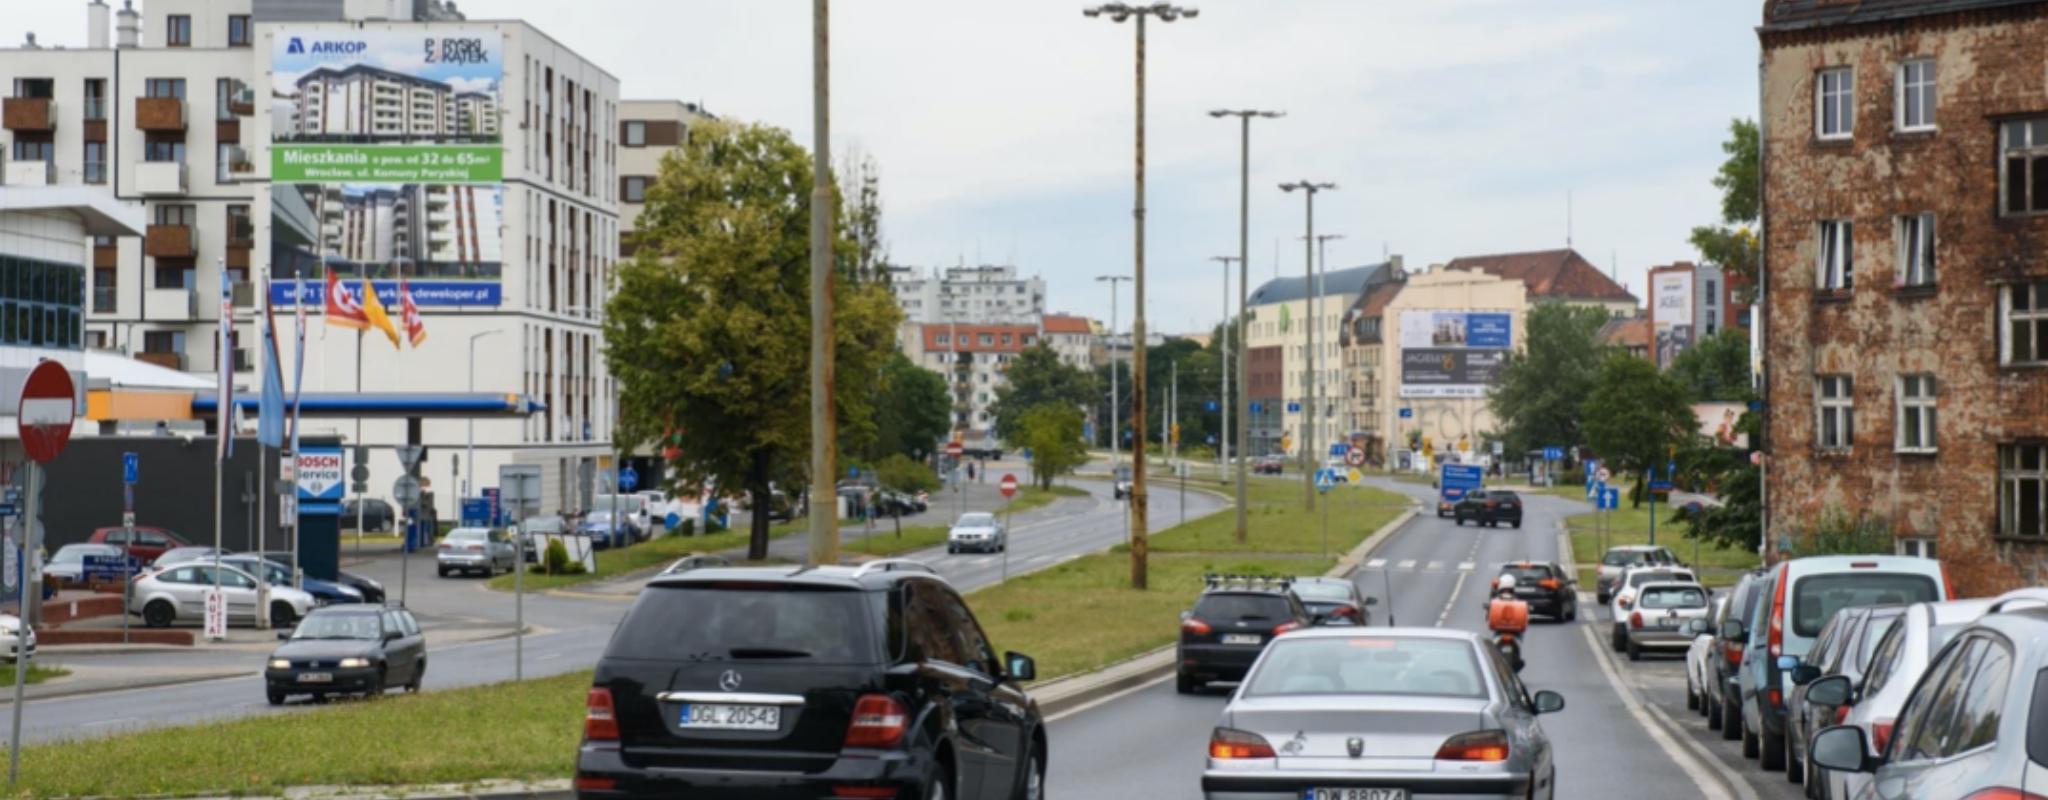 outdoor Wrocław